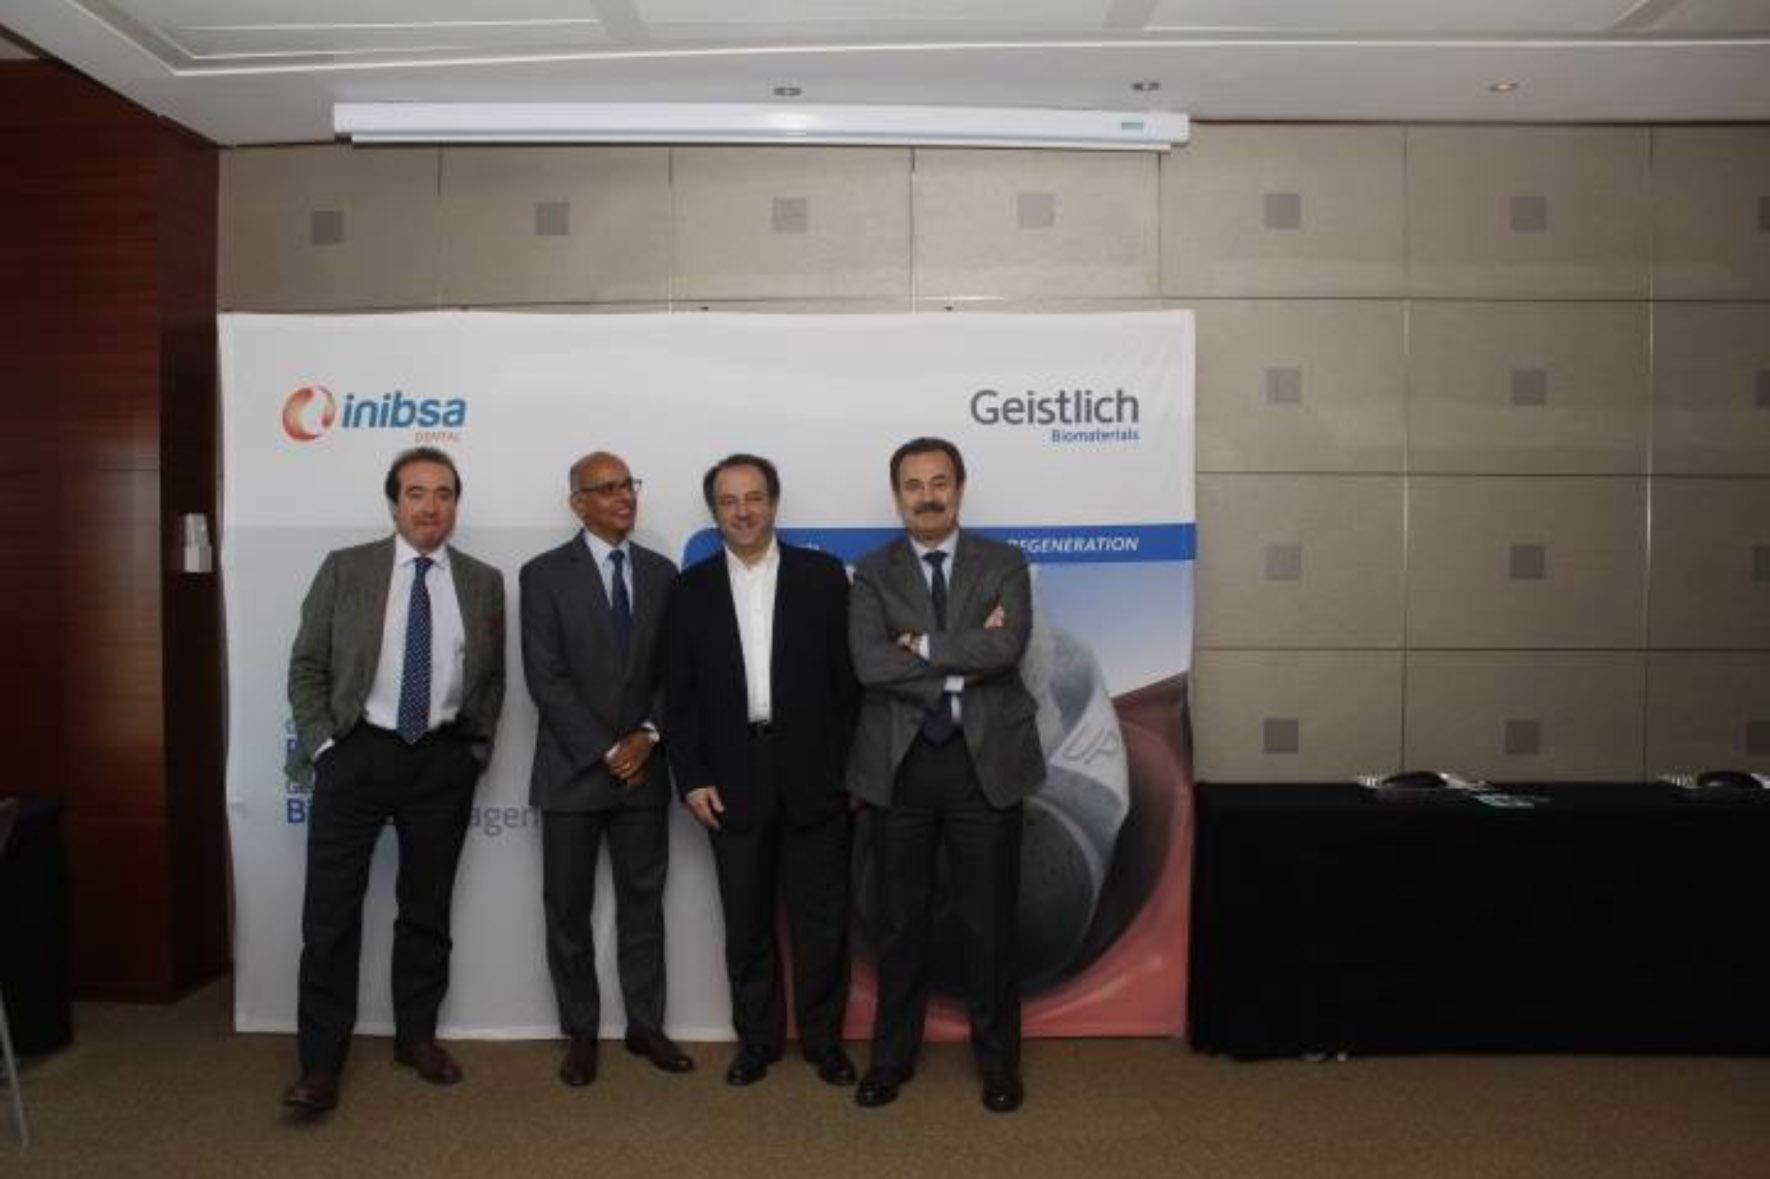 clinica blanco ramos expertos espana y portugal